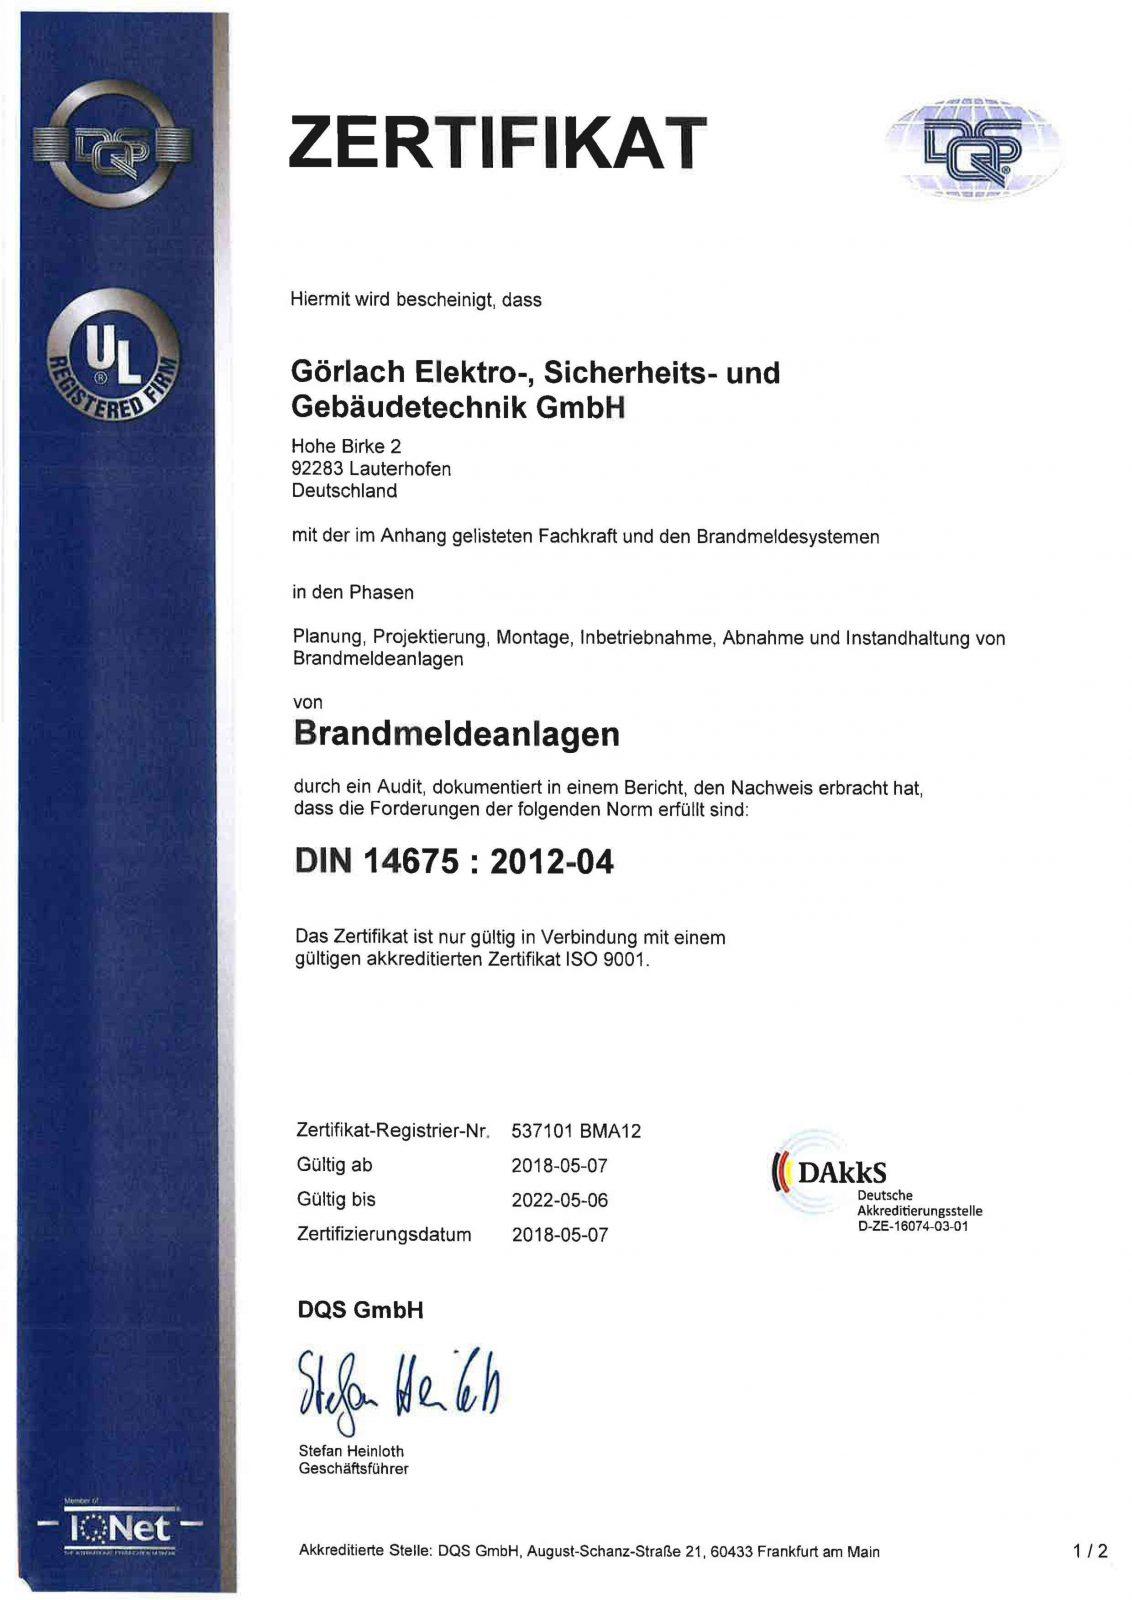 Zertifikat_Brandmeldeanlagen_DIN 14675 Seite 1